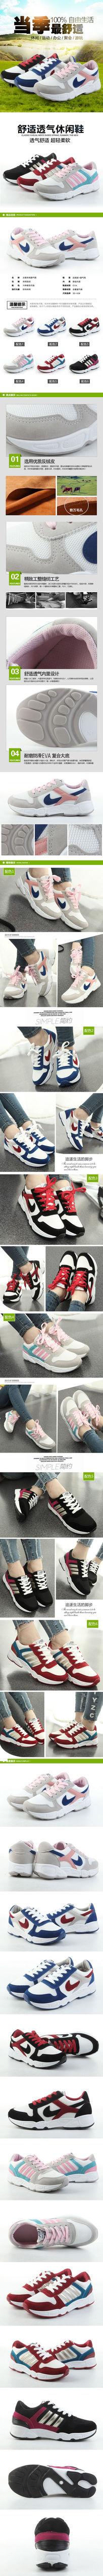 淘宝天猫休闲女鞋描述页设计